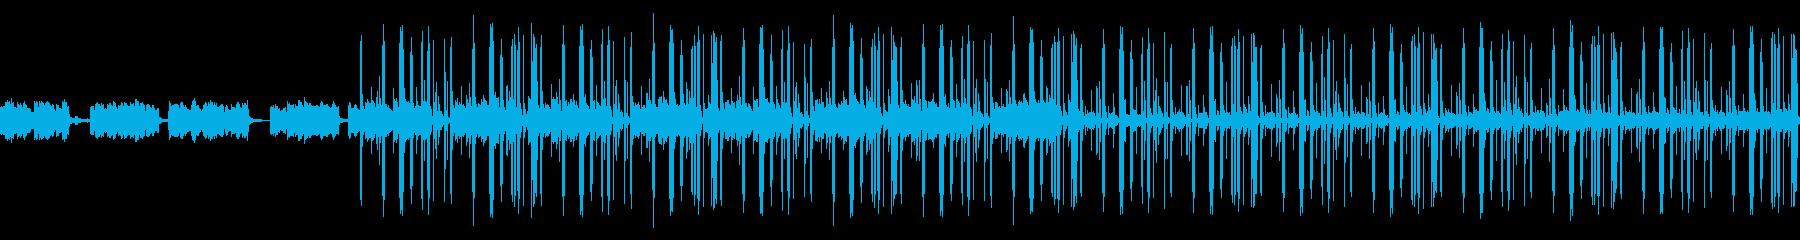 ダーク 洋楽 Trap ループの再生済みの波形